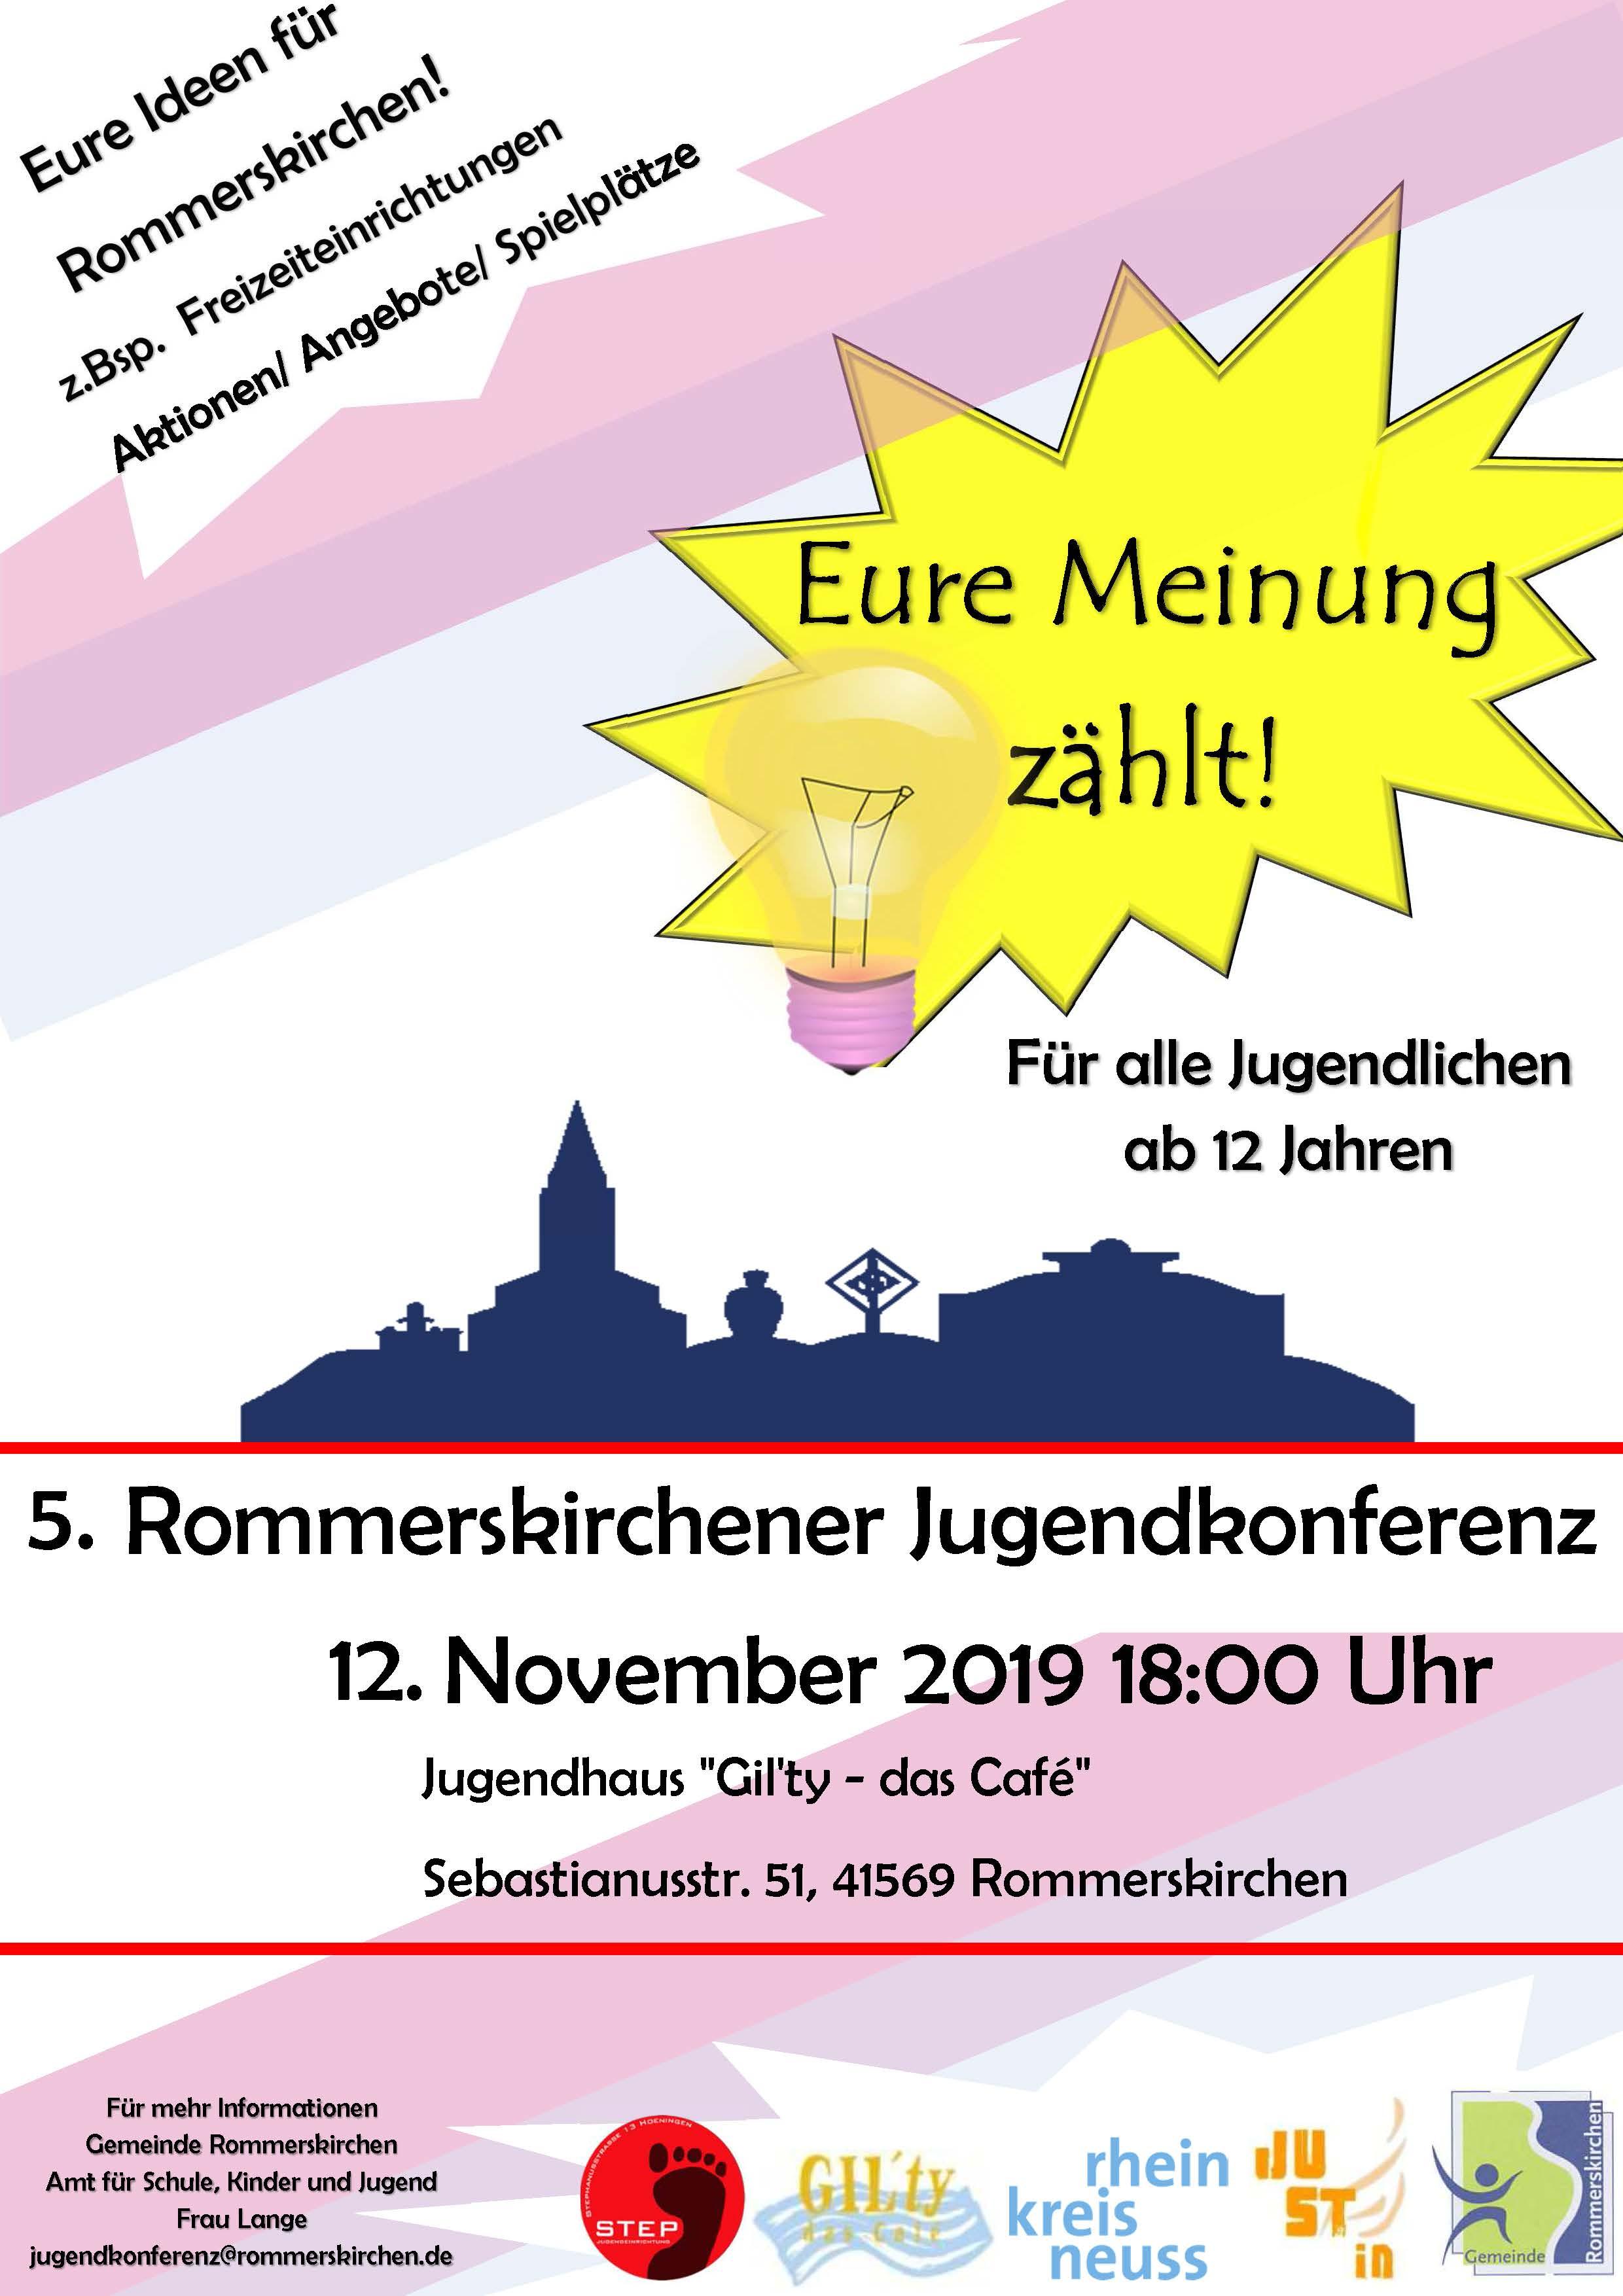 Flyer Jugendkonferenz November 2019